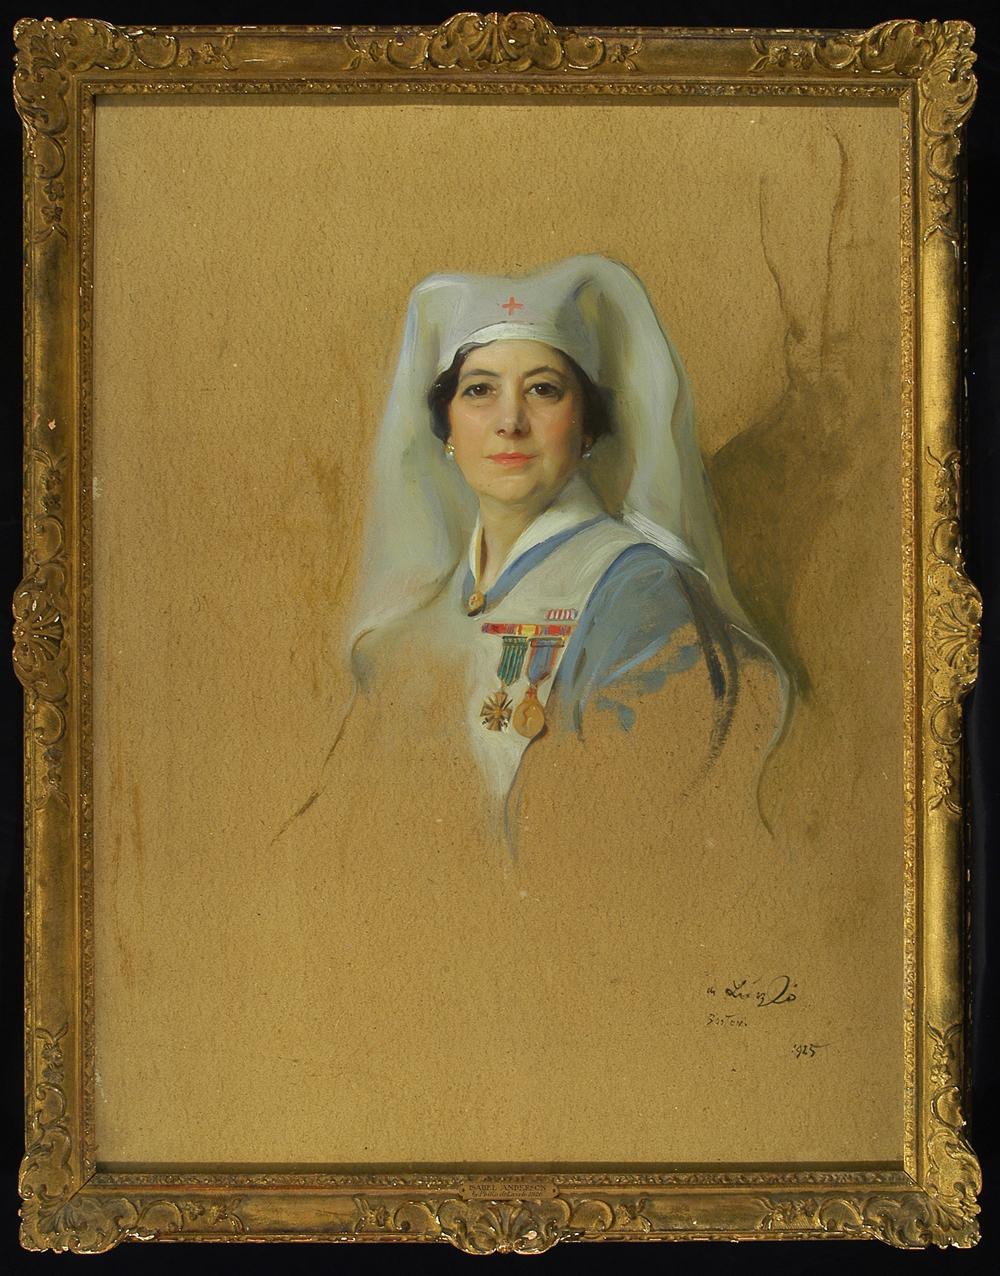 <em>Isabel Anderson</em> by Philip de László, 1925